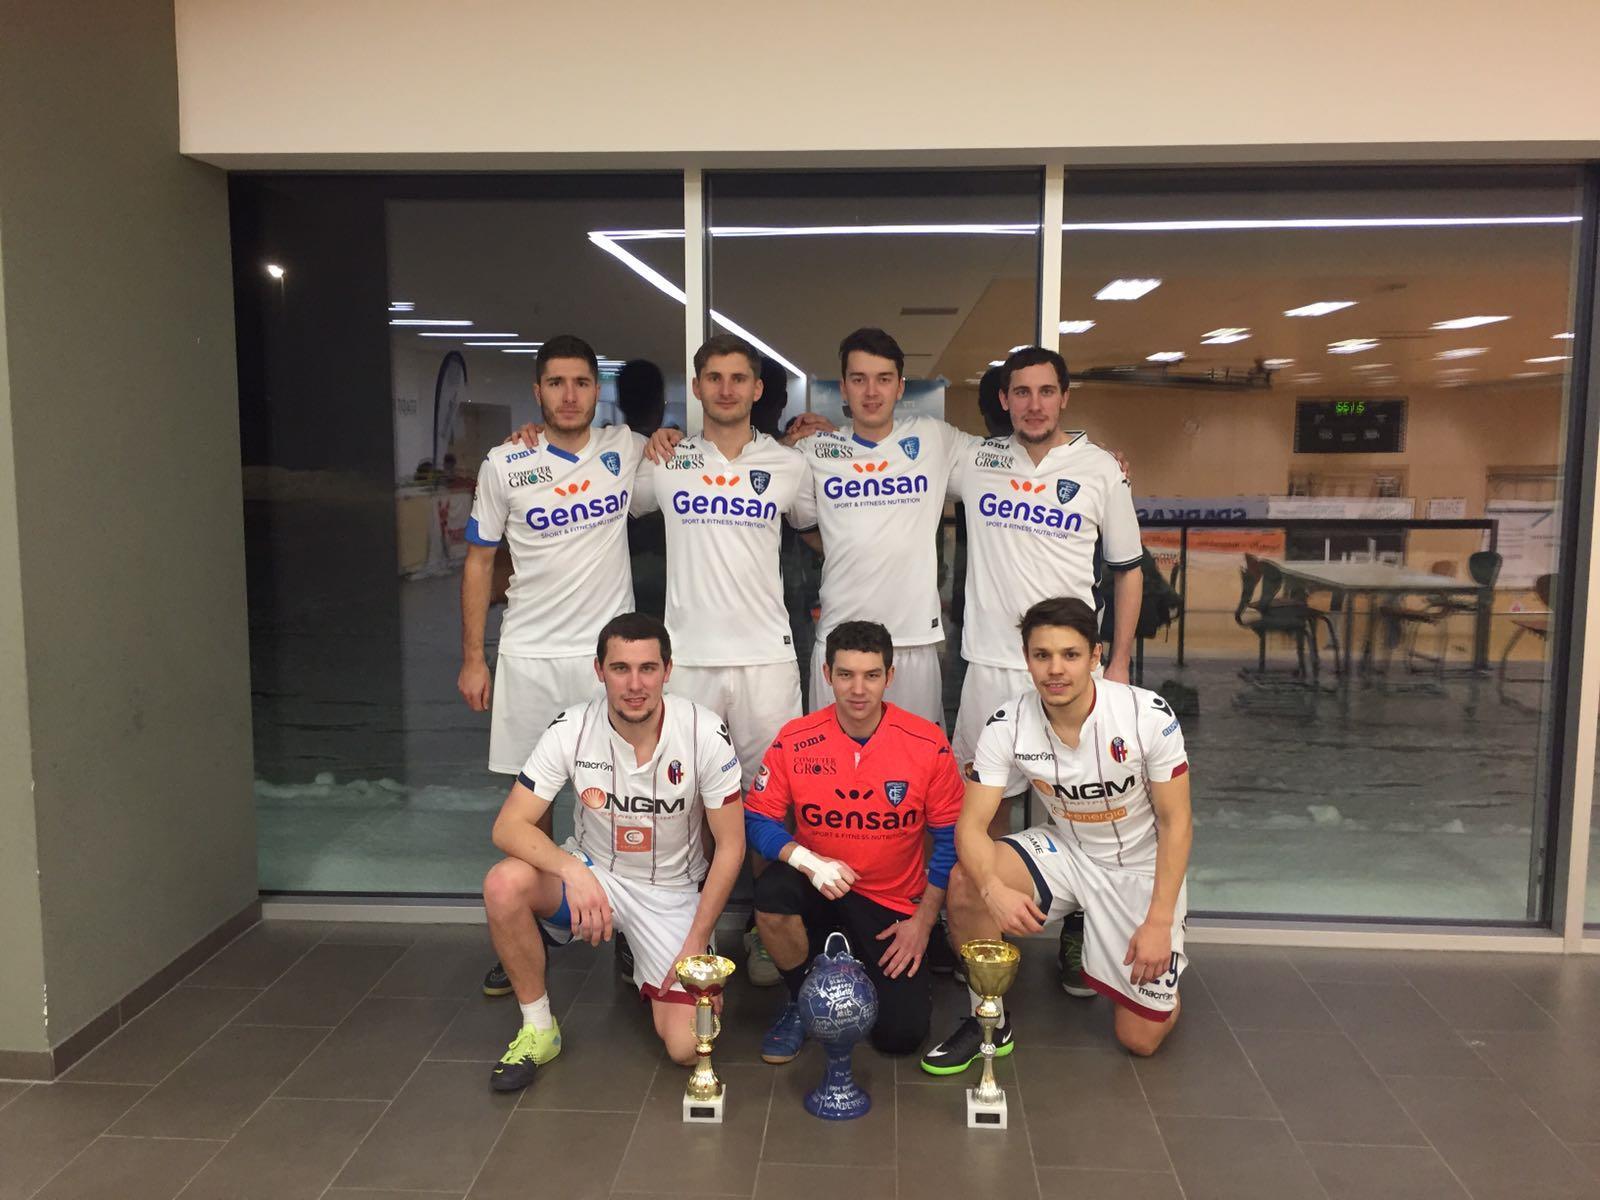 """Beim 18. Hallenturnier des Fußballclubs Tosters 99 holten die """"Hobbits"""" von Blau-Weiß Feldkirch den ersten Platz."""